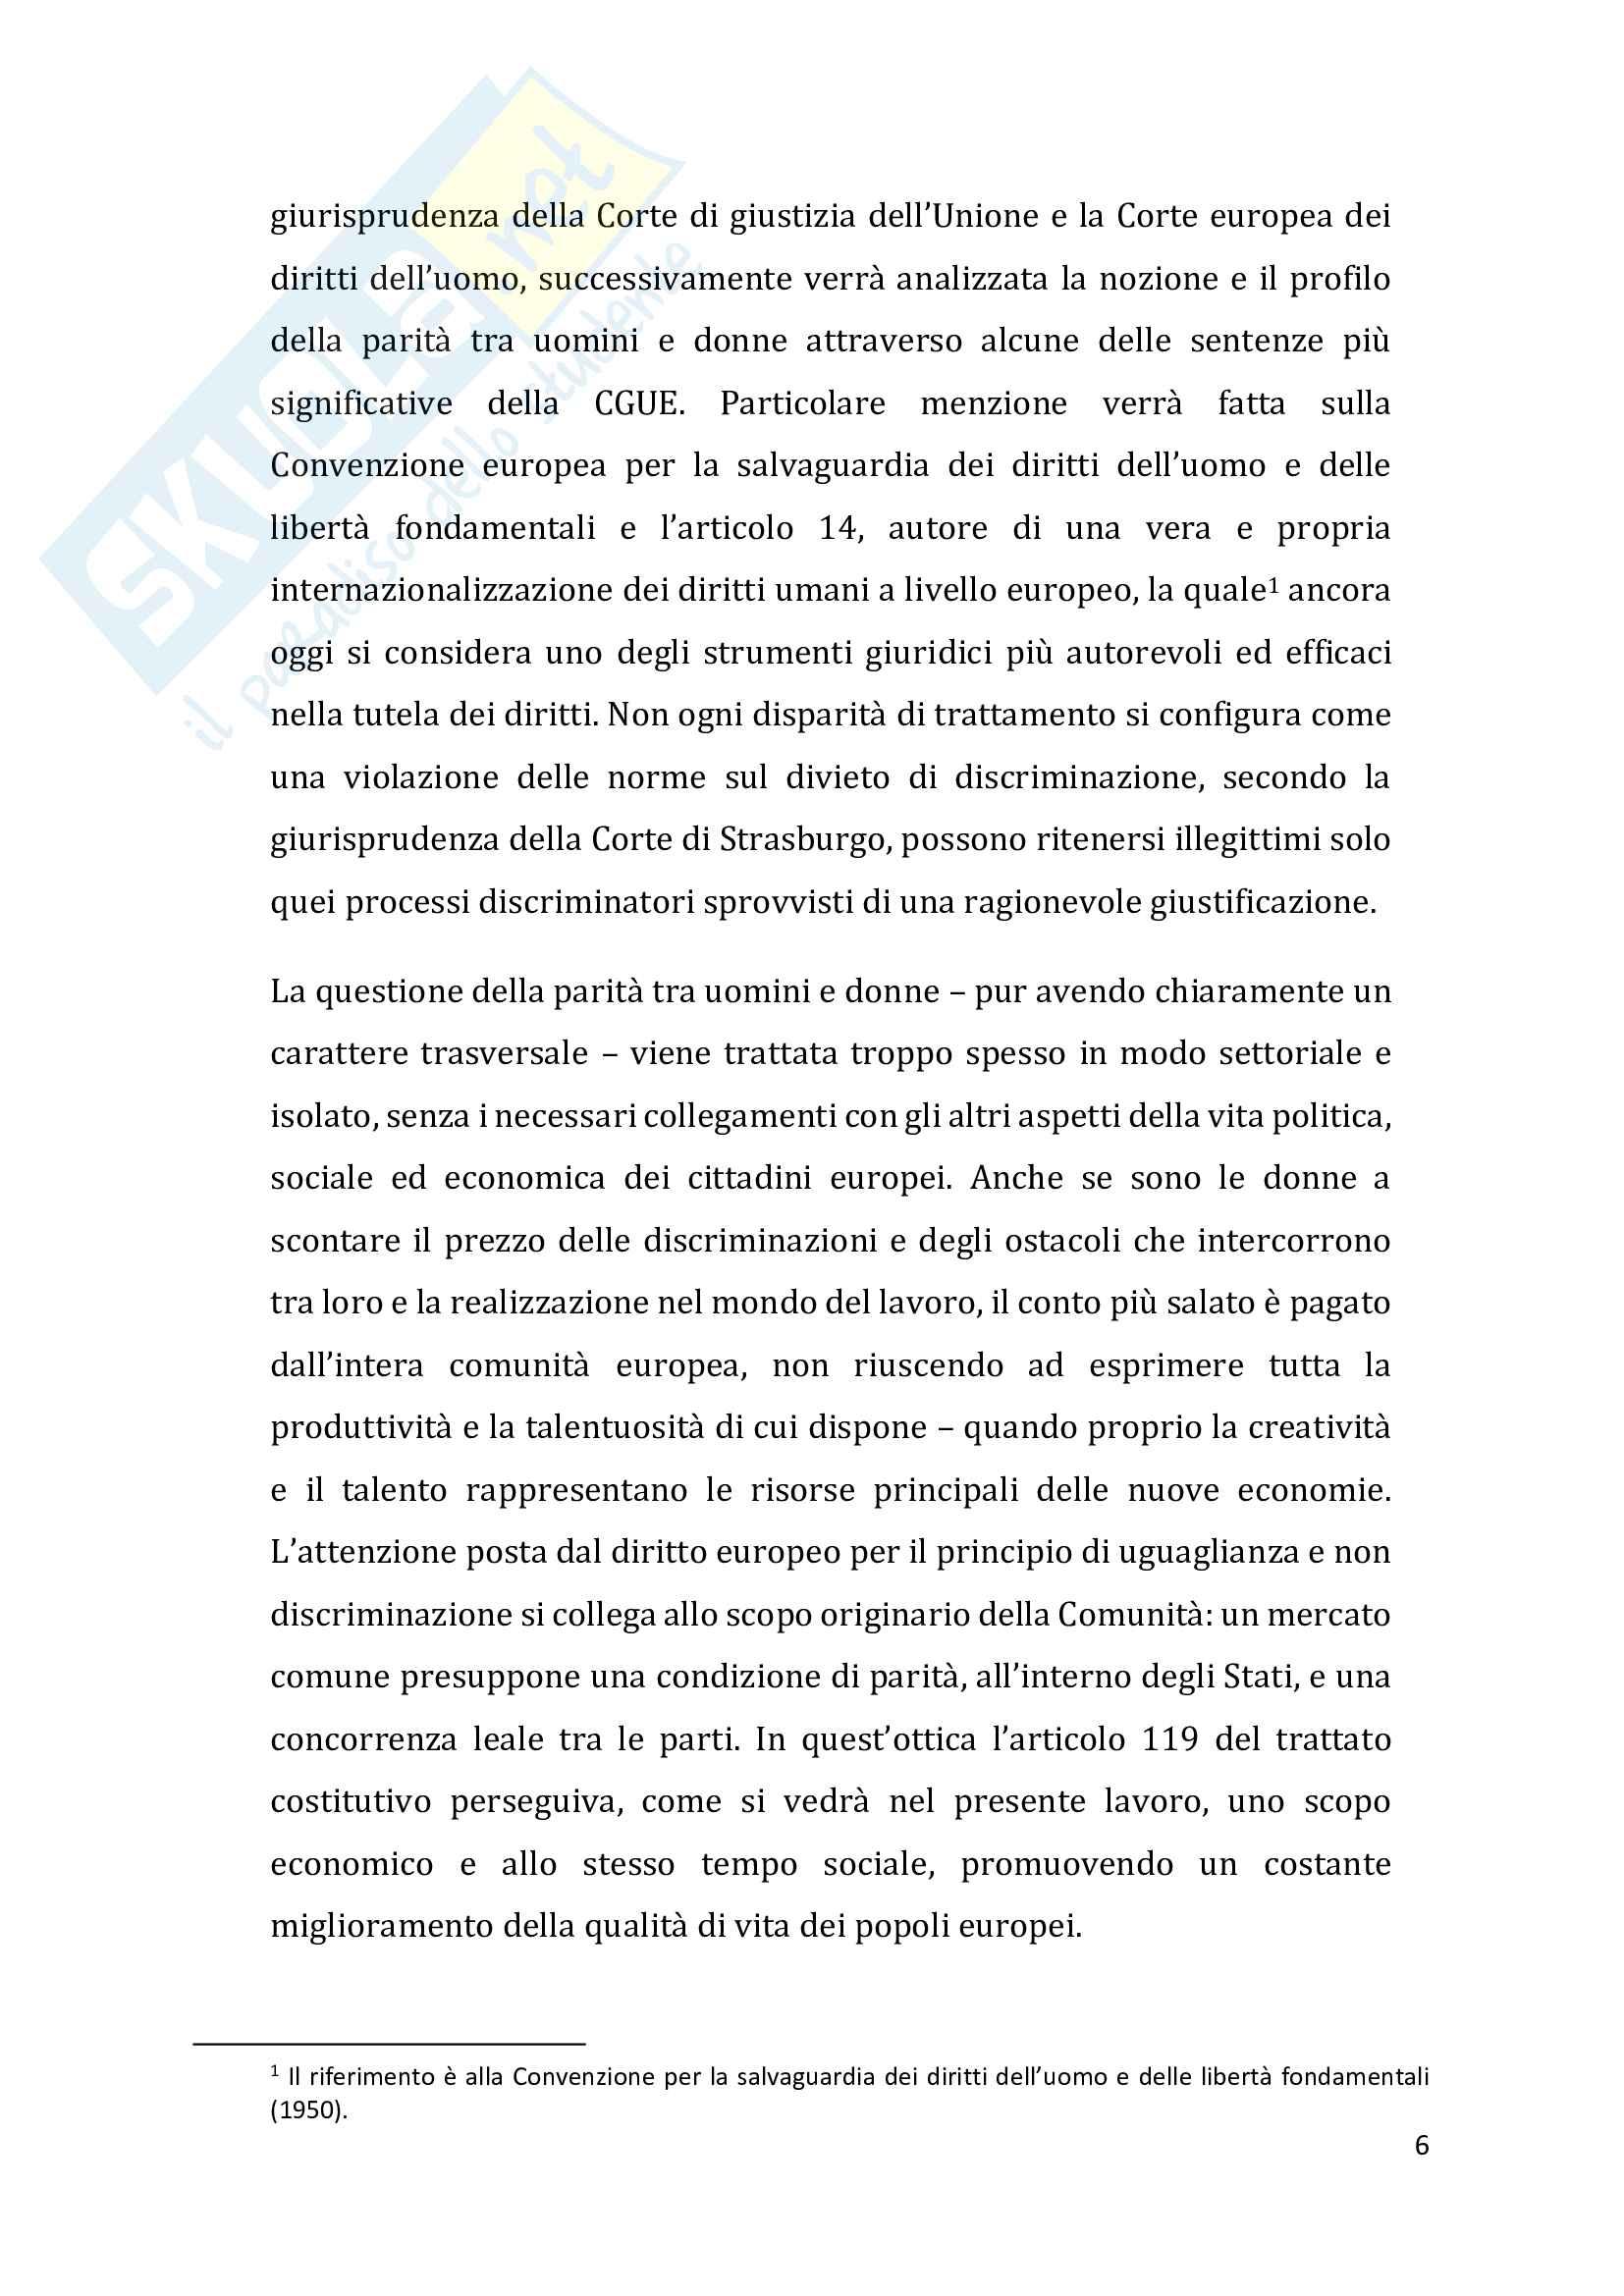 Il principio di non discriminazione fondato sul sesso e la parità di trattamento tra uomini e donne. Evoluzione e prospettive nel Diritto dell'Unione Europea Pag. 6